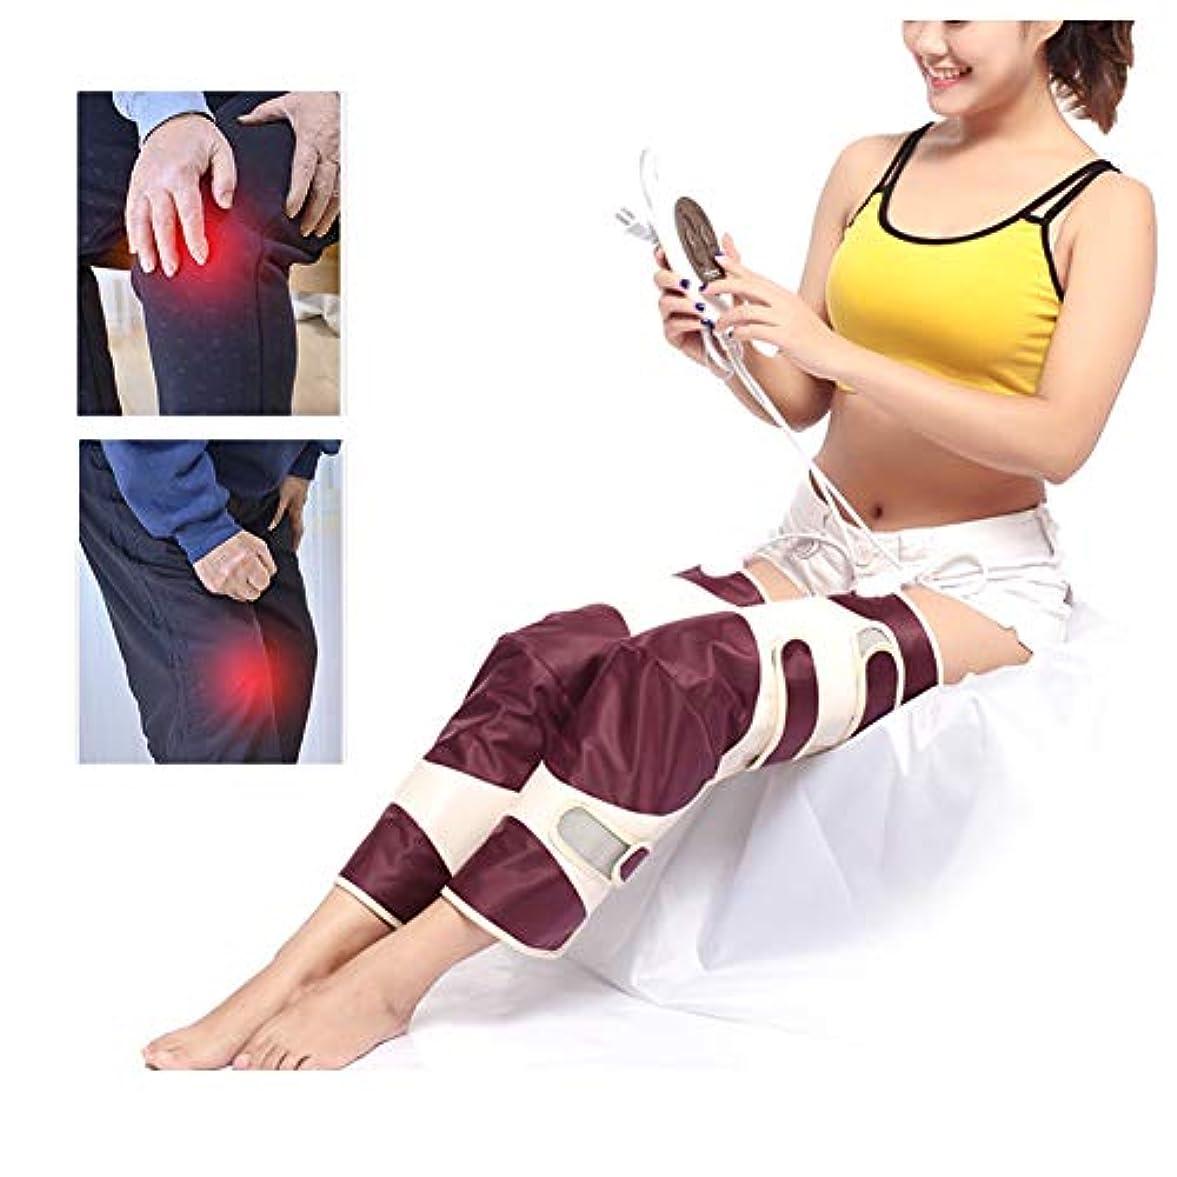 鰐クラックポット無人膝の怪我、痛みを軽減するための電気加熱膝ブレースサポート - 膝温かいラップ加熱パッド - 遠赤外線治療マッサージャー